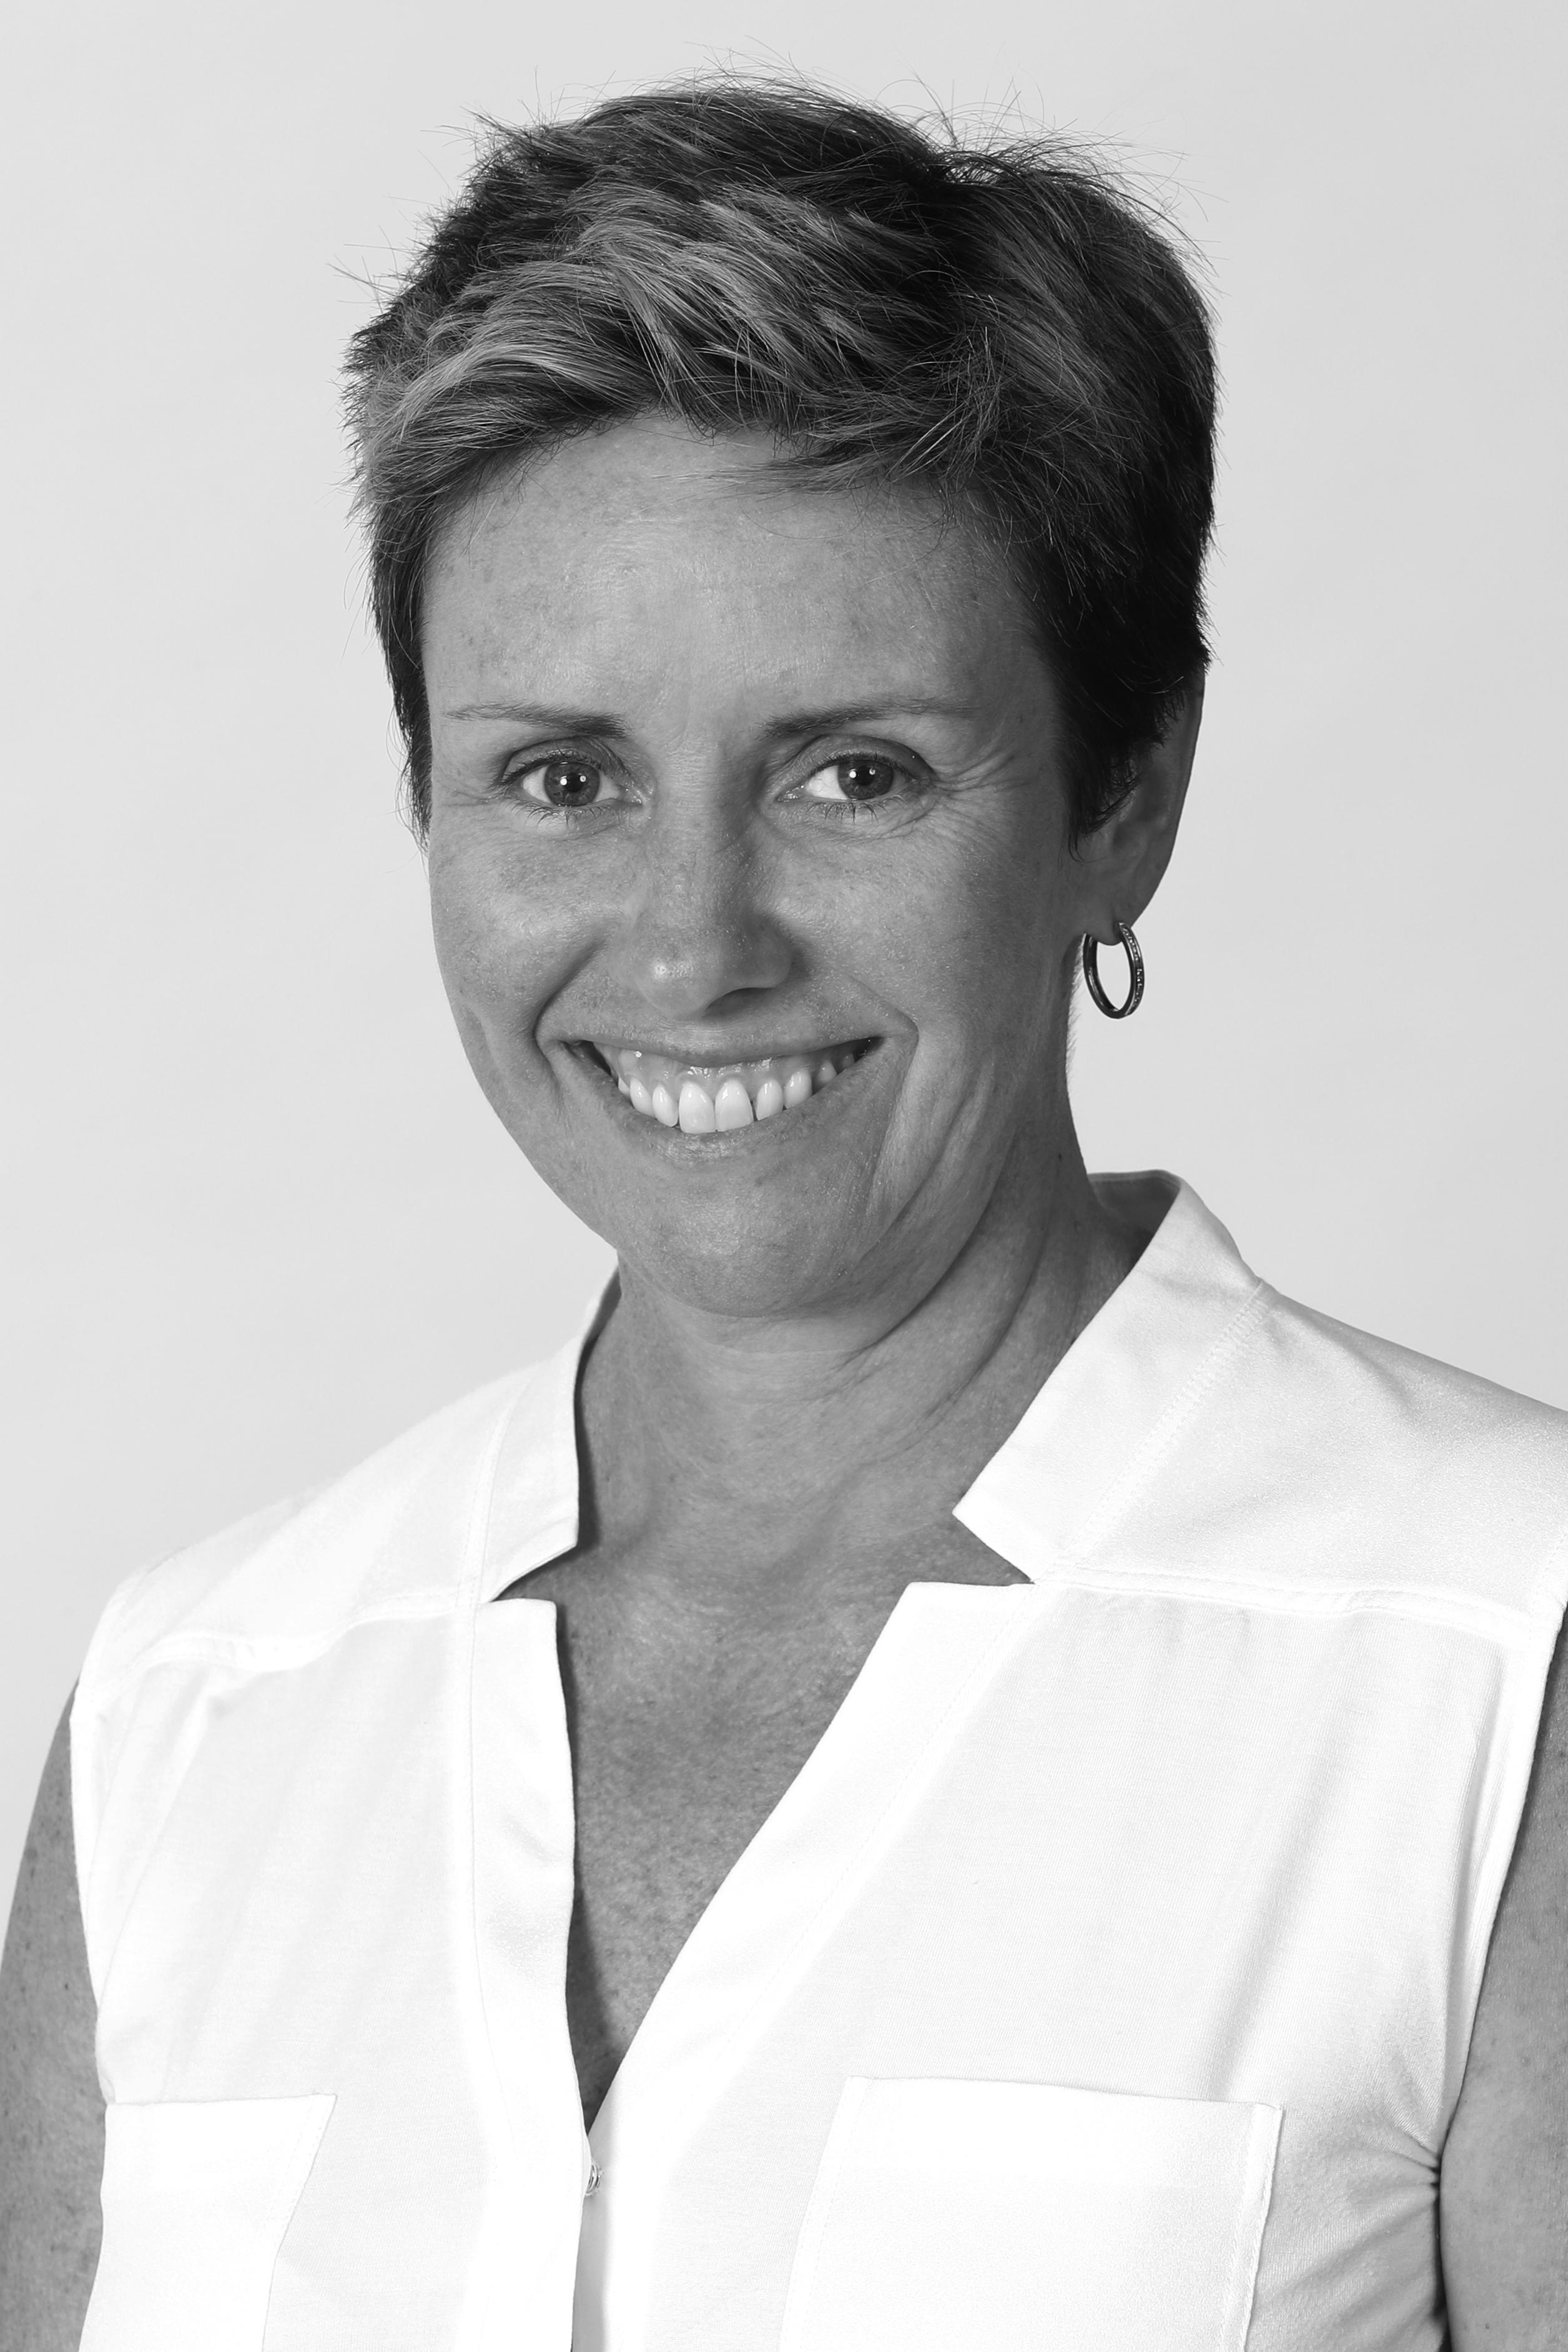 Nicole Oke